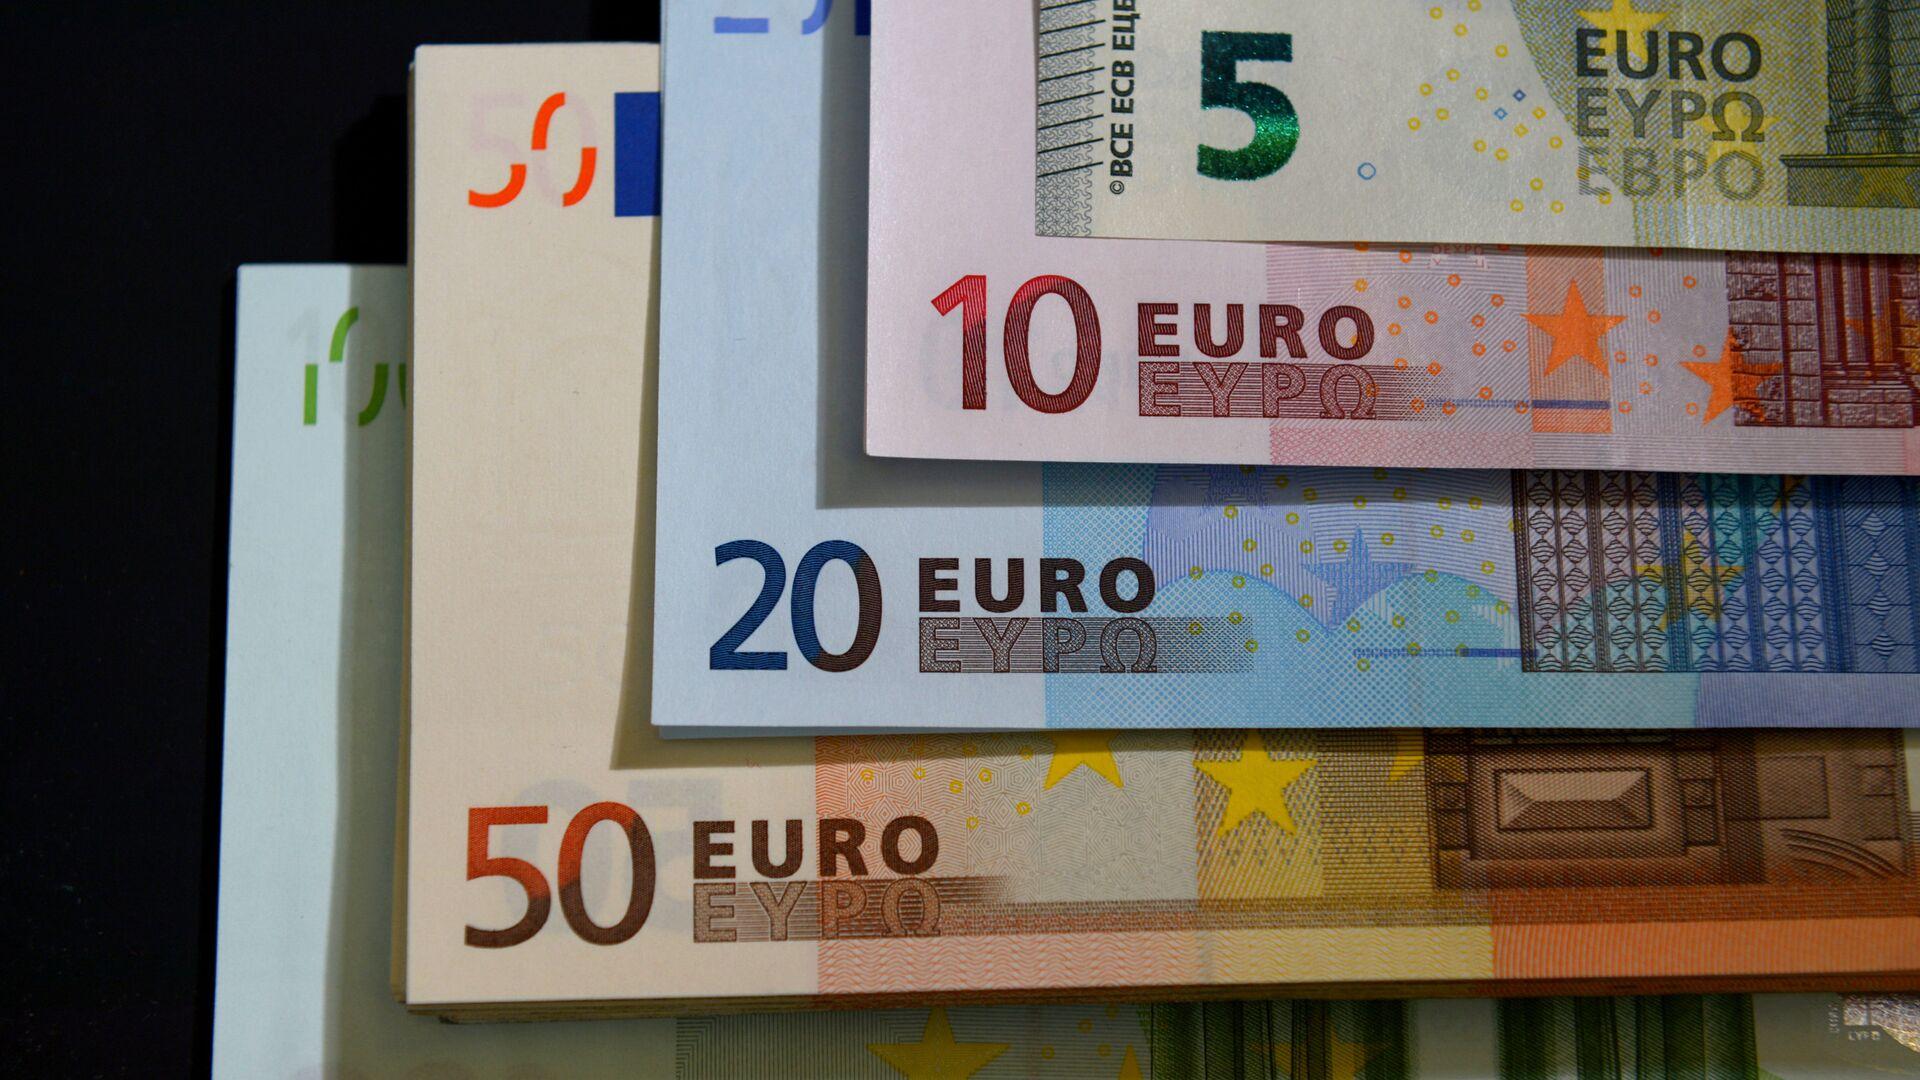 Novčanice evra različite vrednosti - Sputnik Srbija, 1920, 02.09.2021